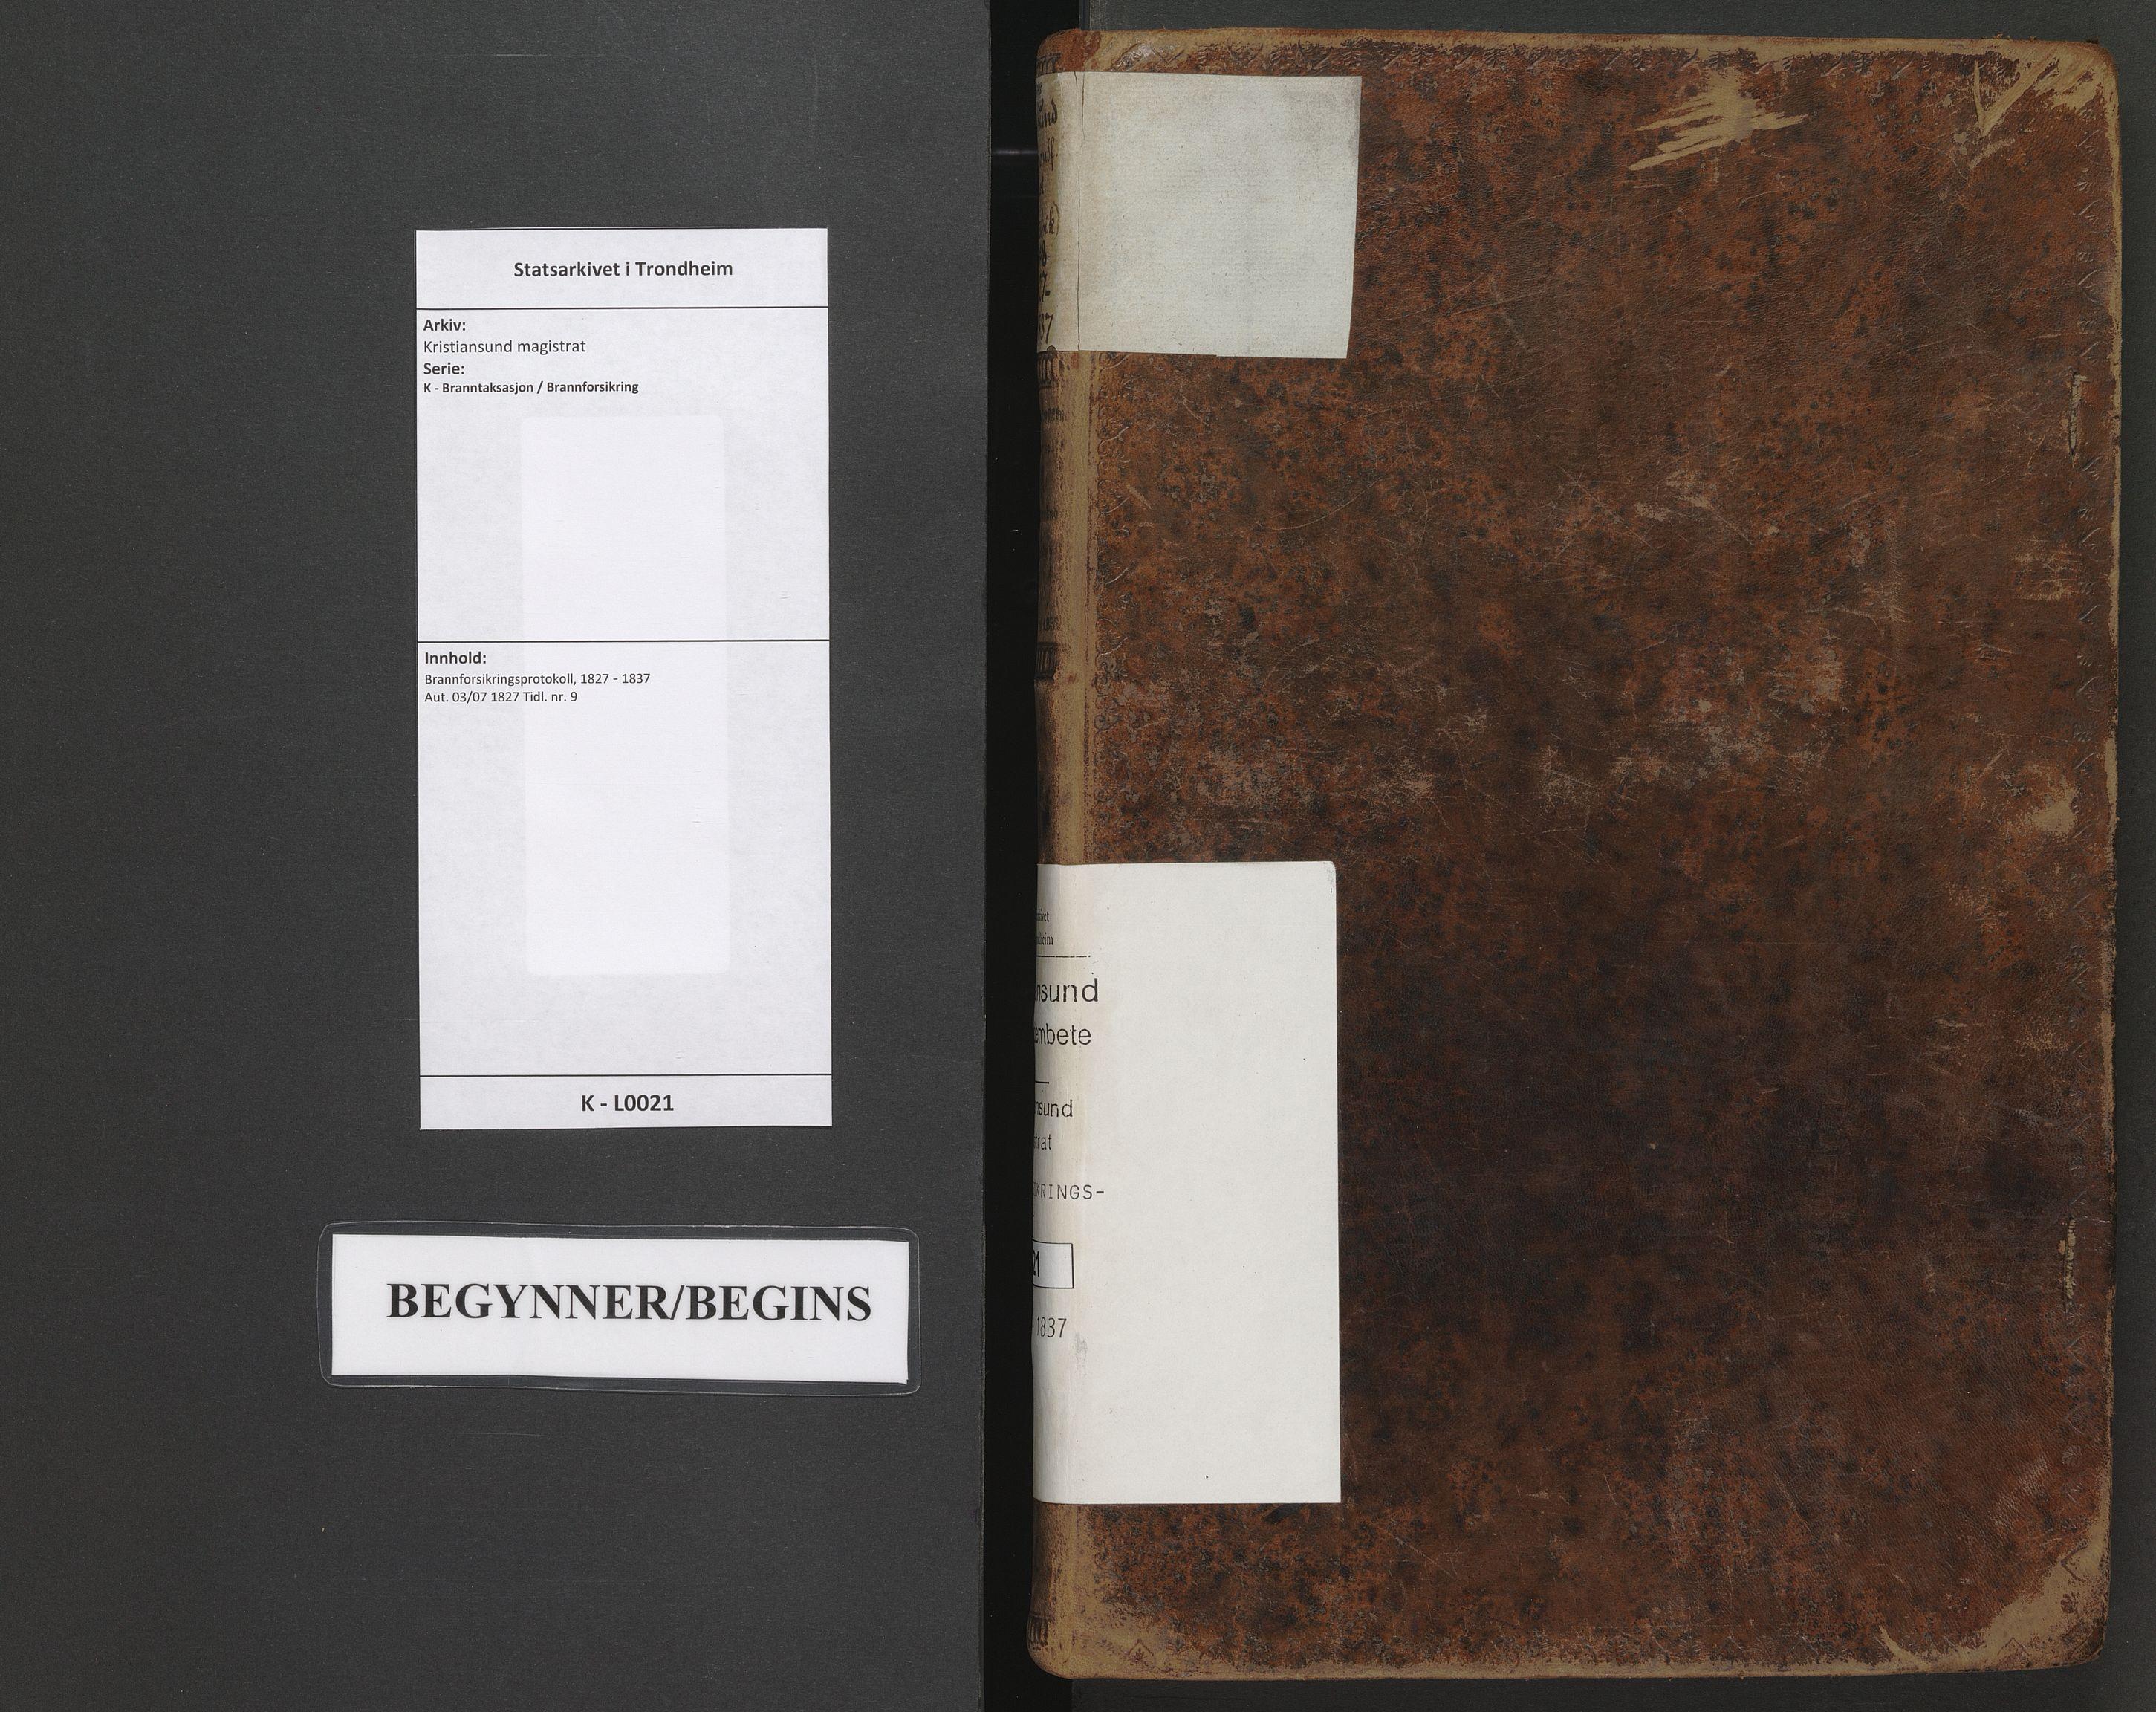 SAT, Kristiansund magistrat, K/L0021: Brannforsikringsprotokoll, 1827-1837